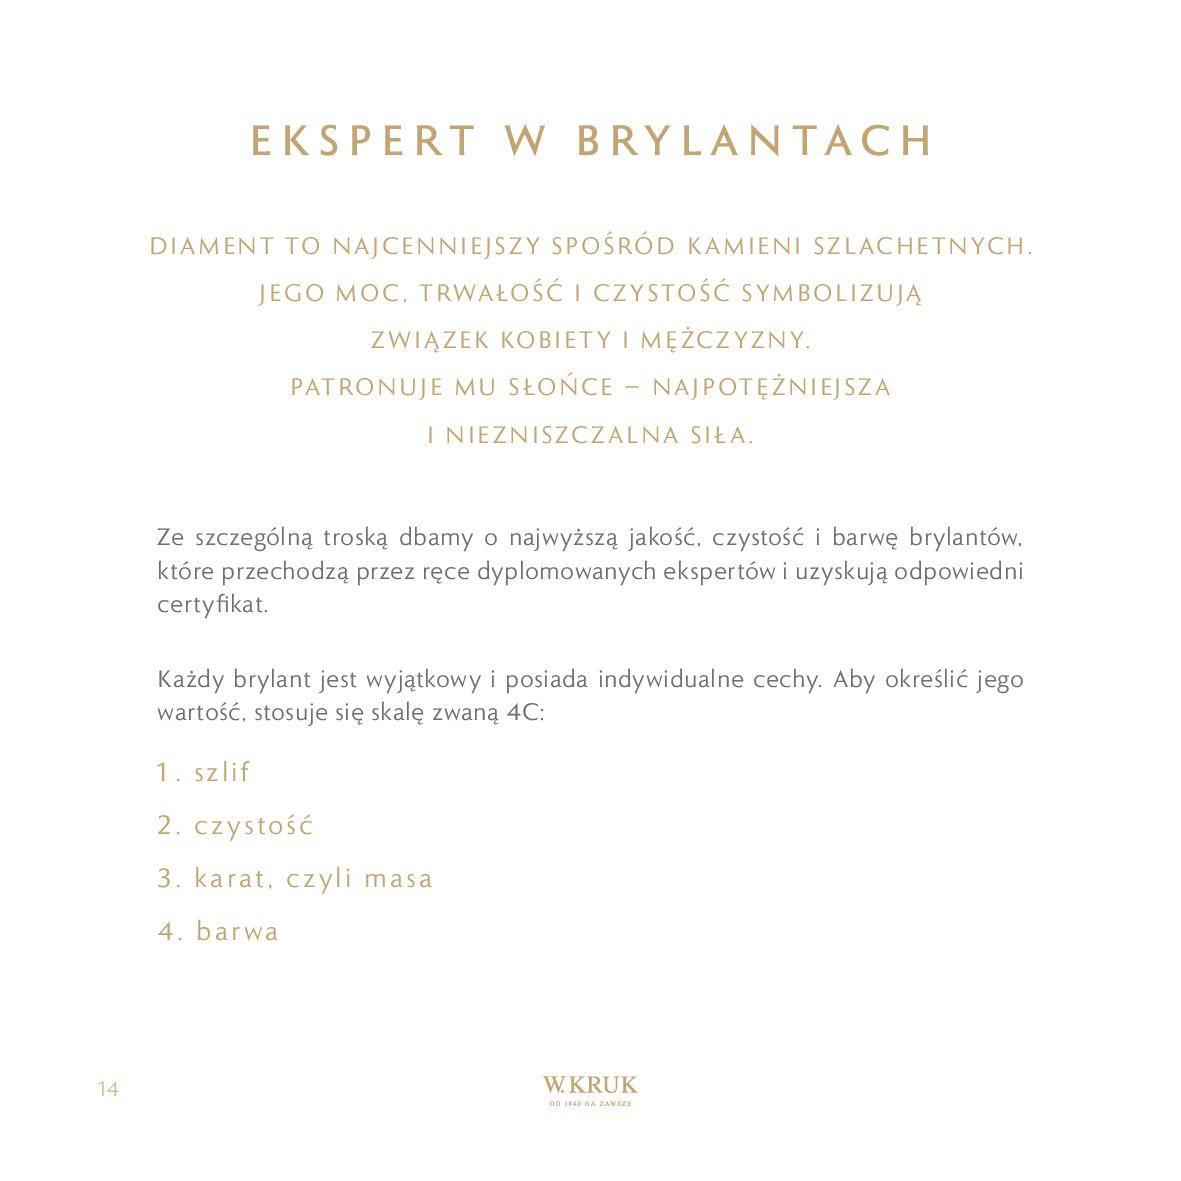 Gazetka W. KRUK: Katalog - Obrączki 2021-02-17 page-16